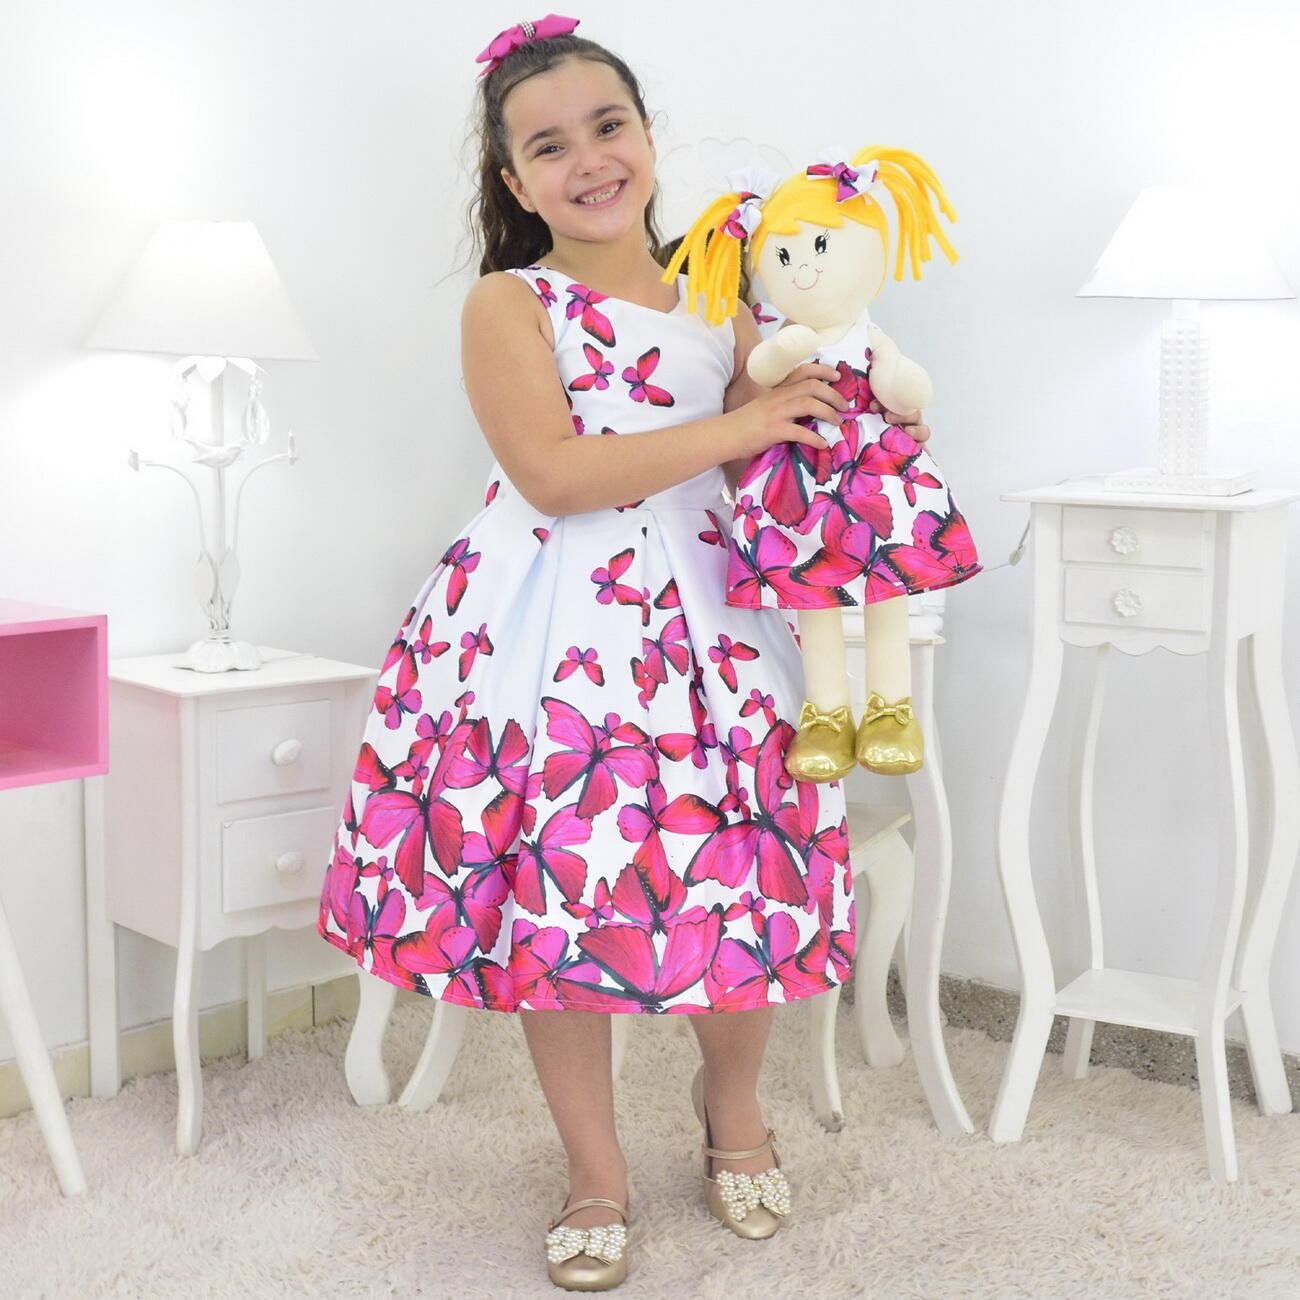 Tal Menina Tal Boneca Helo - Vestido Branco E Borboletas Rosas